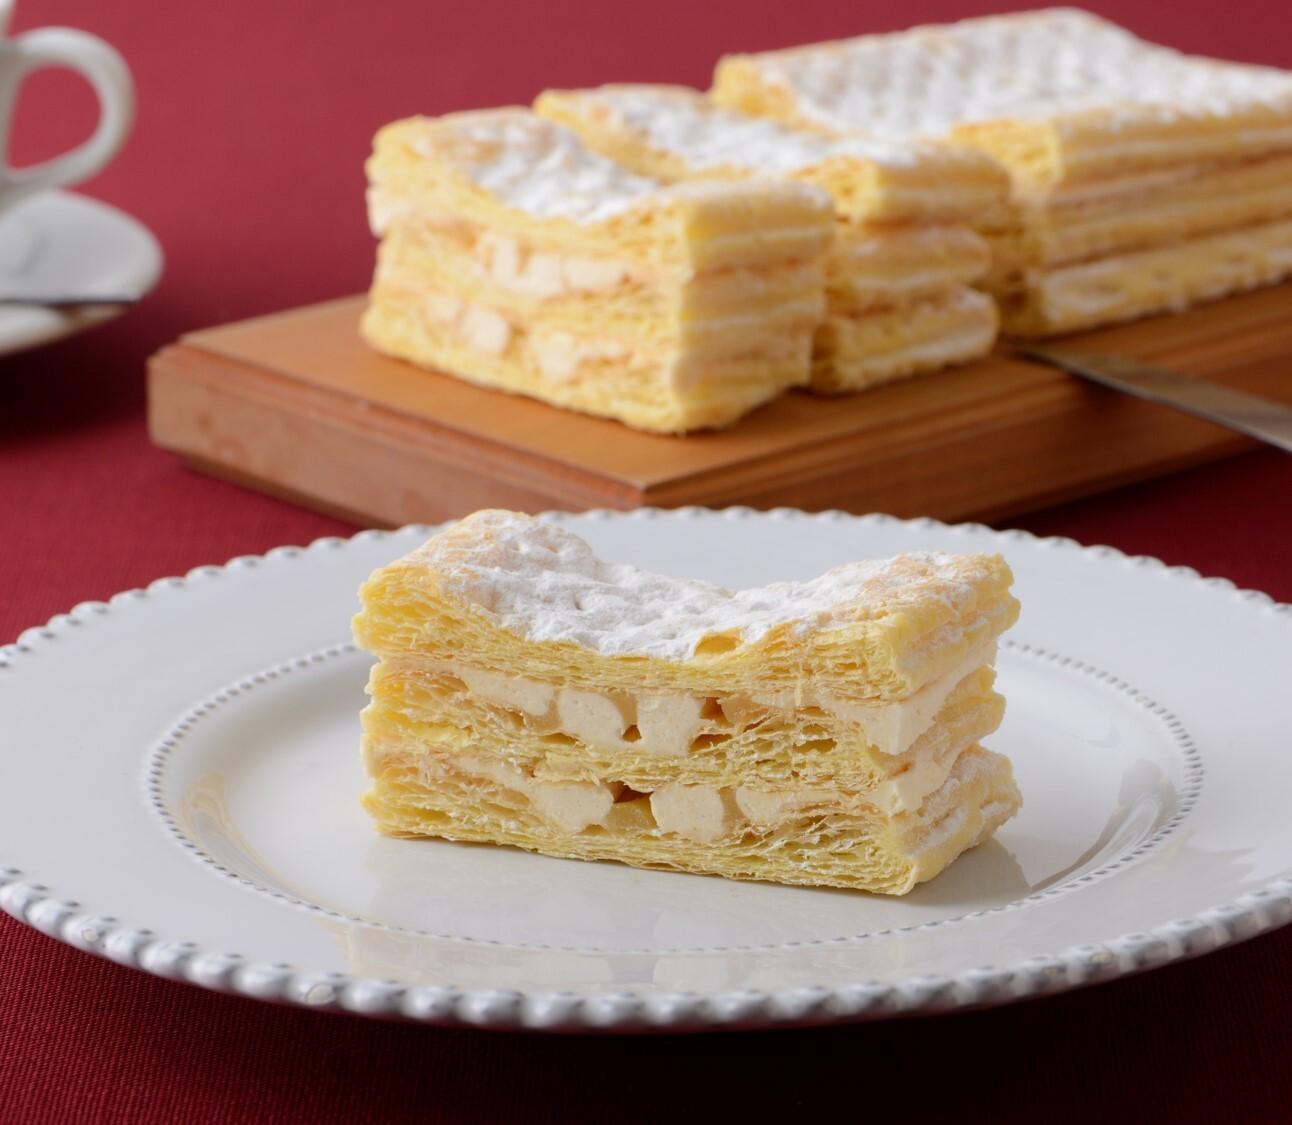 【サクサク食感のパイ生地と濃厚チーズクリーム】六本木チーズミルフィーユ 1本入